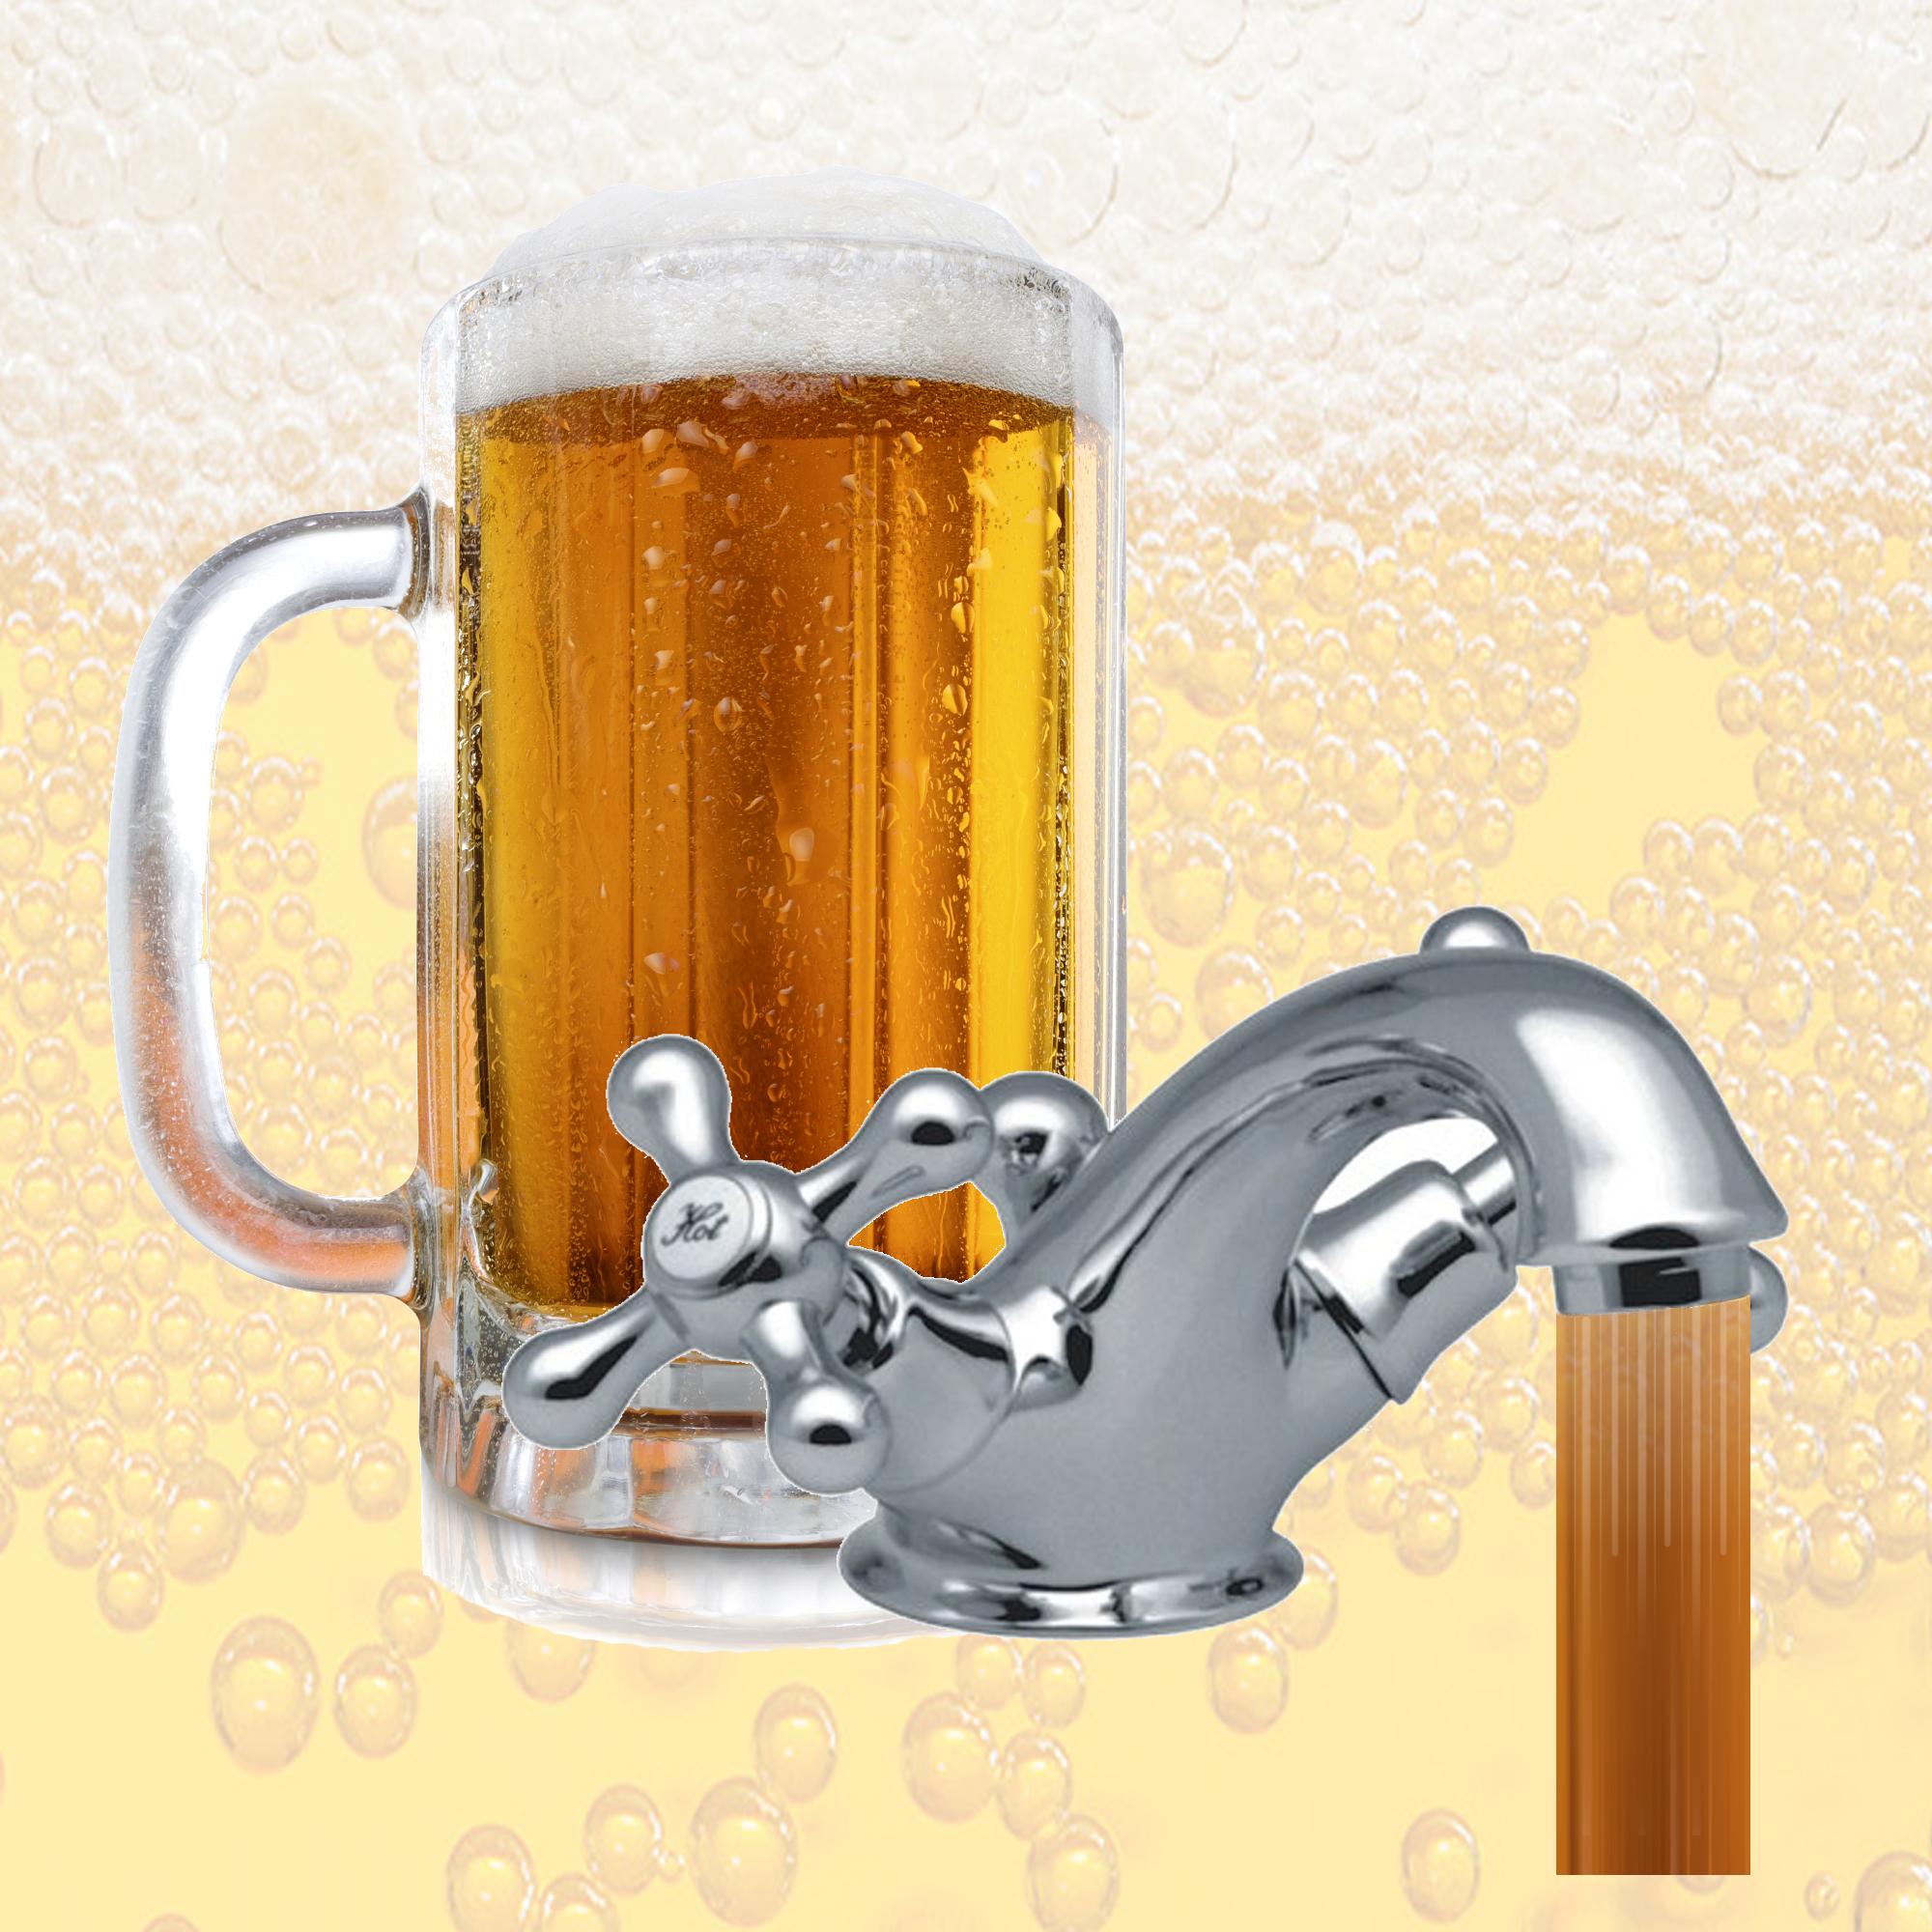 Brouwerij Tui, bier uit de kraan, stunt, Nieuw-Zeeland